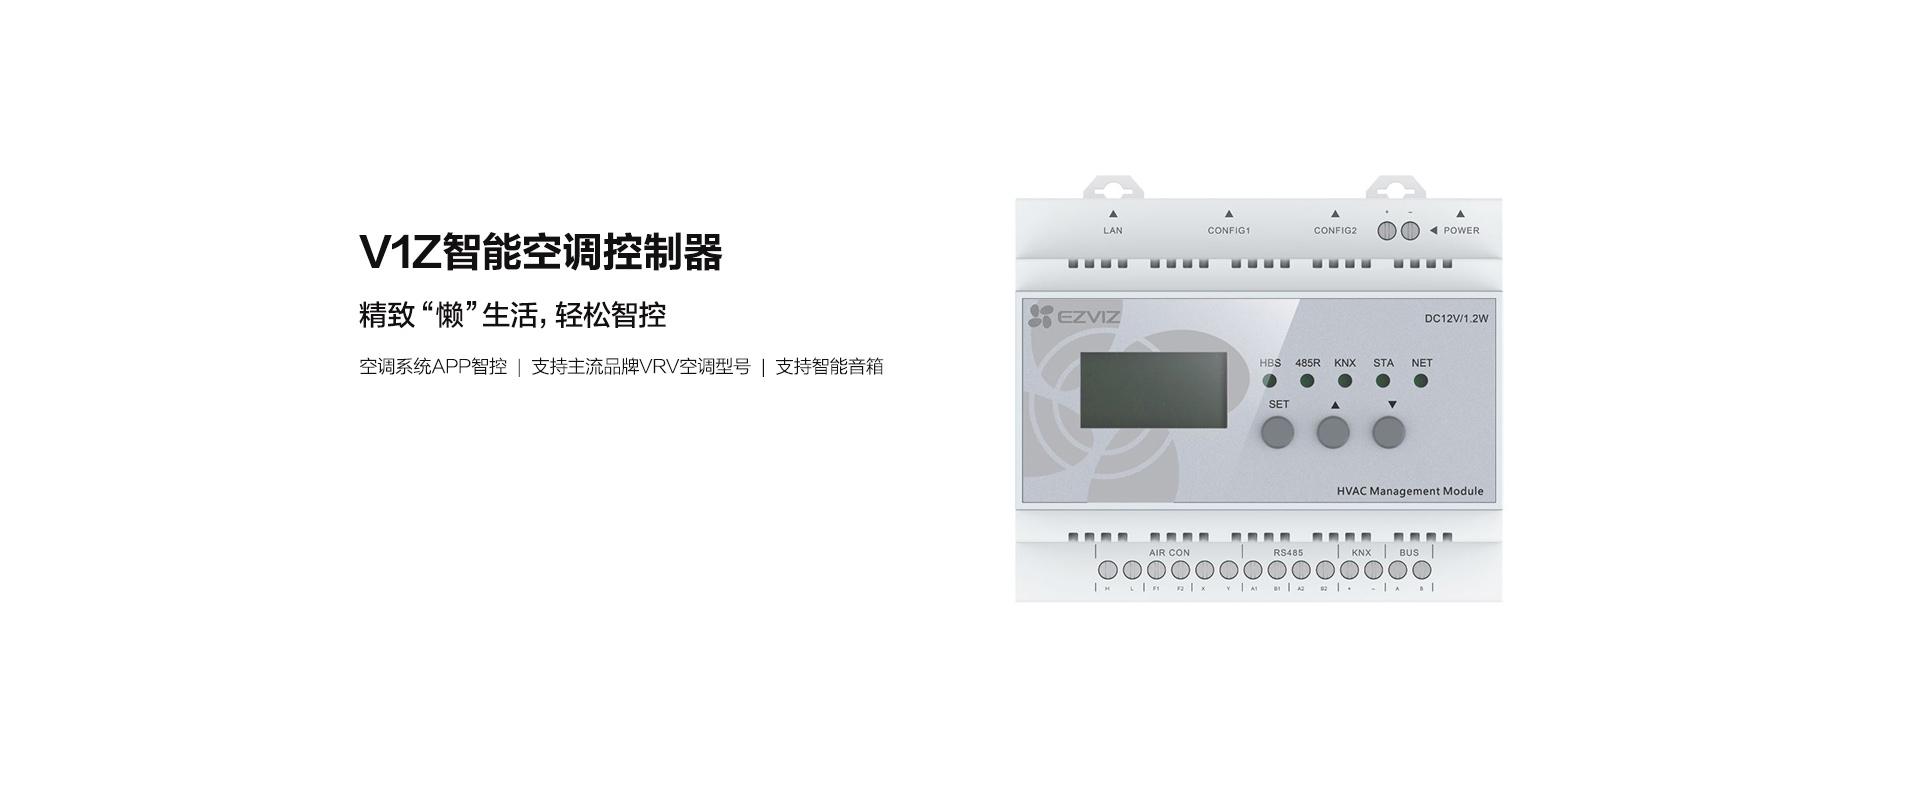 V1Z智能空调控制器